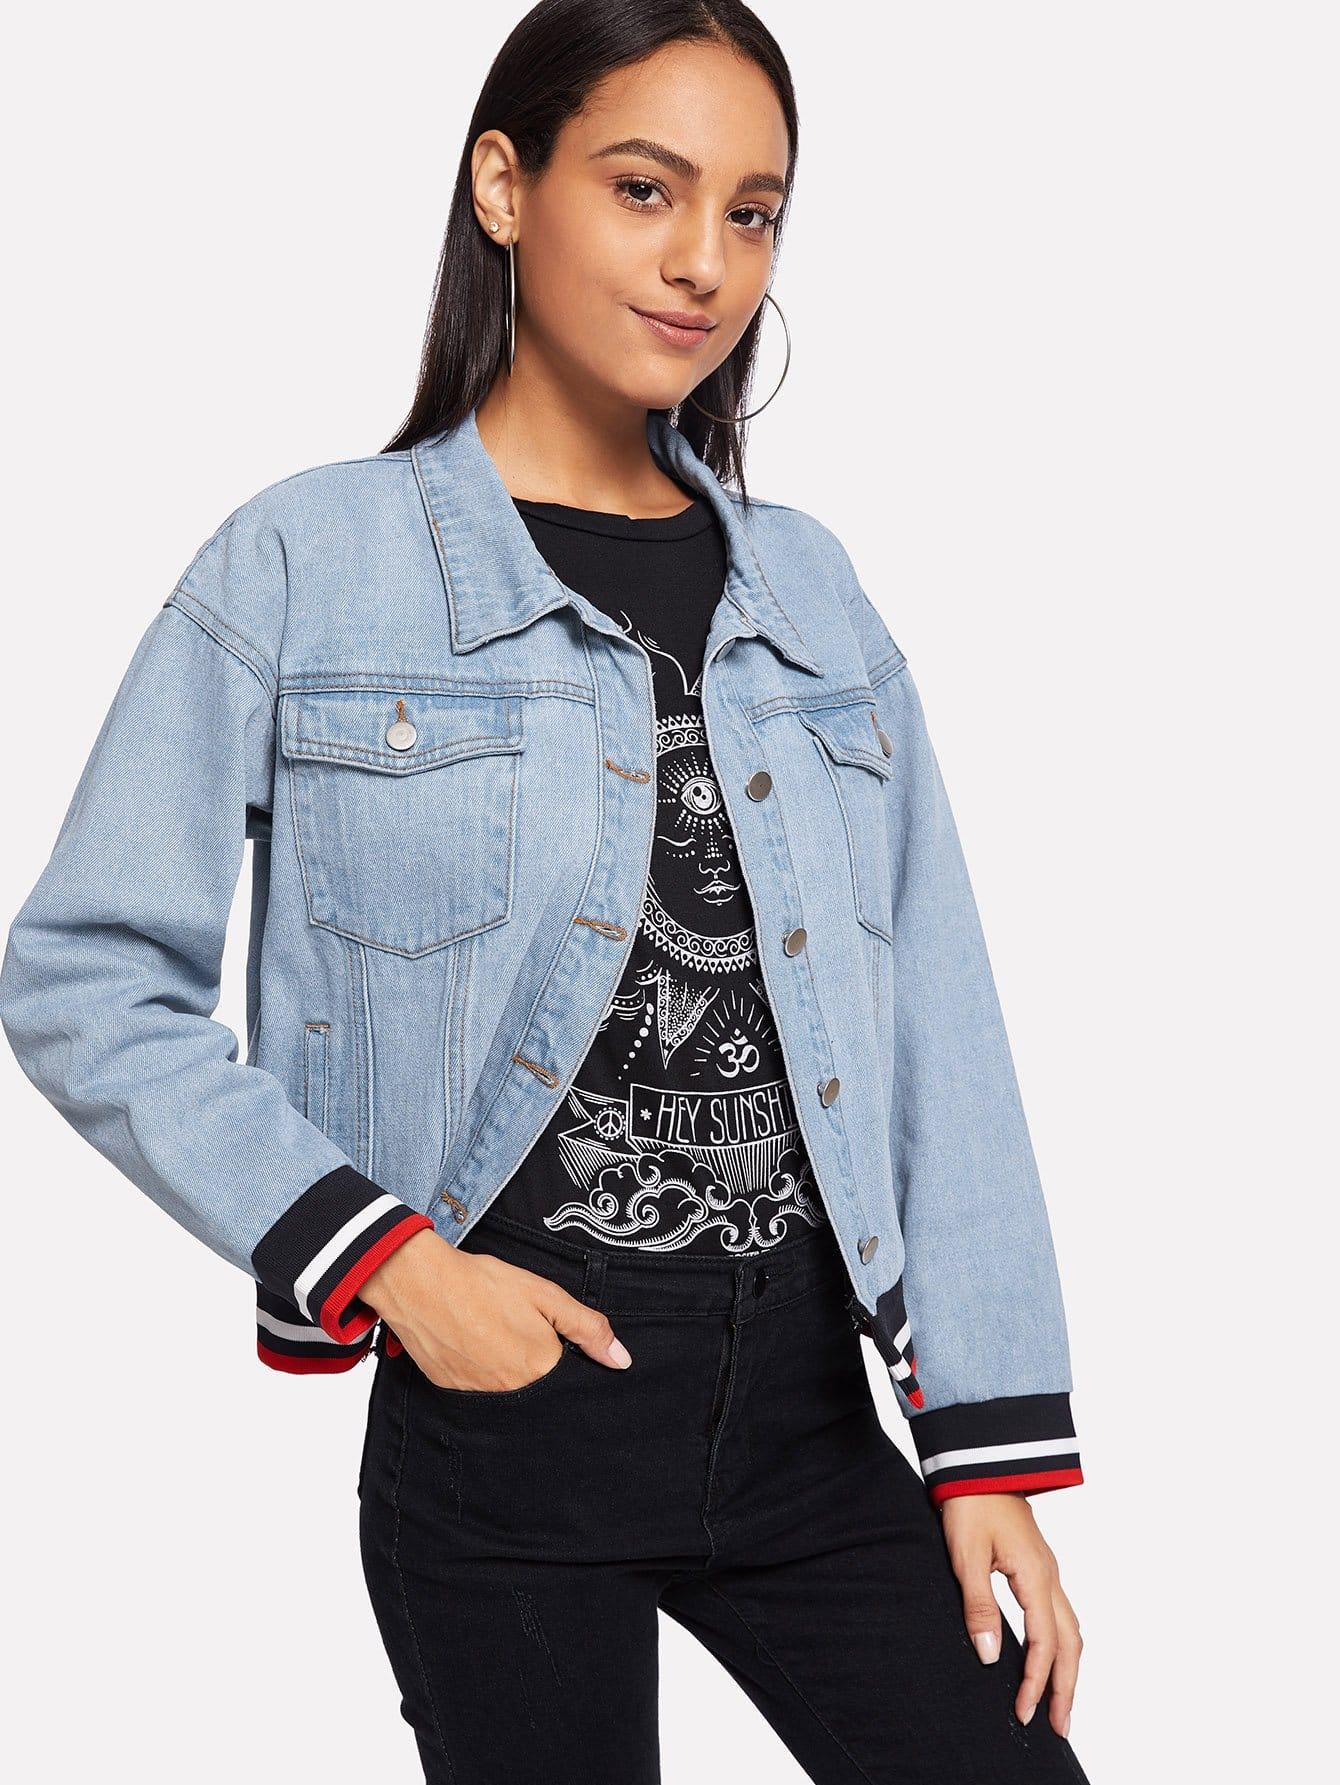 Джинсовая куртка с полосатым низом, Kary, SheIn  - купить со скидкой